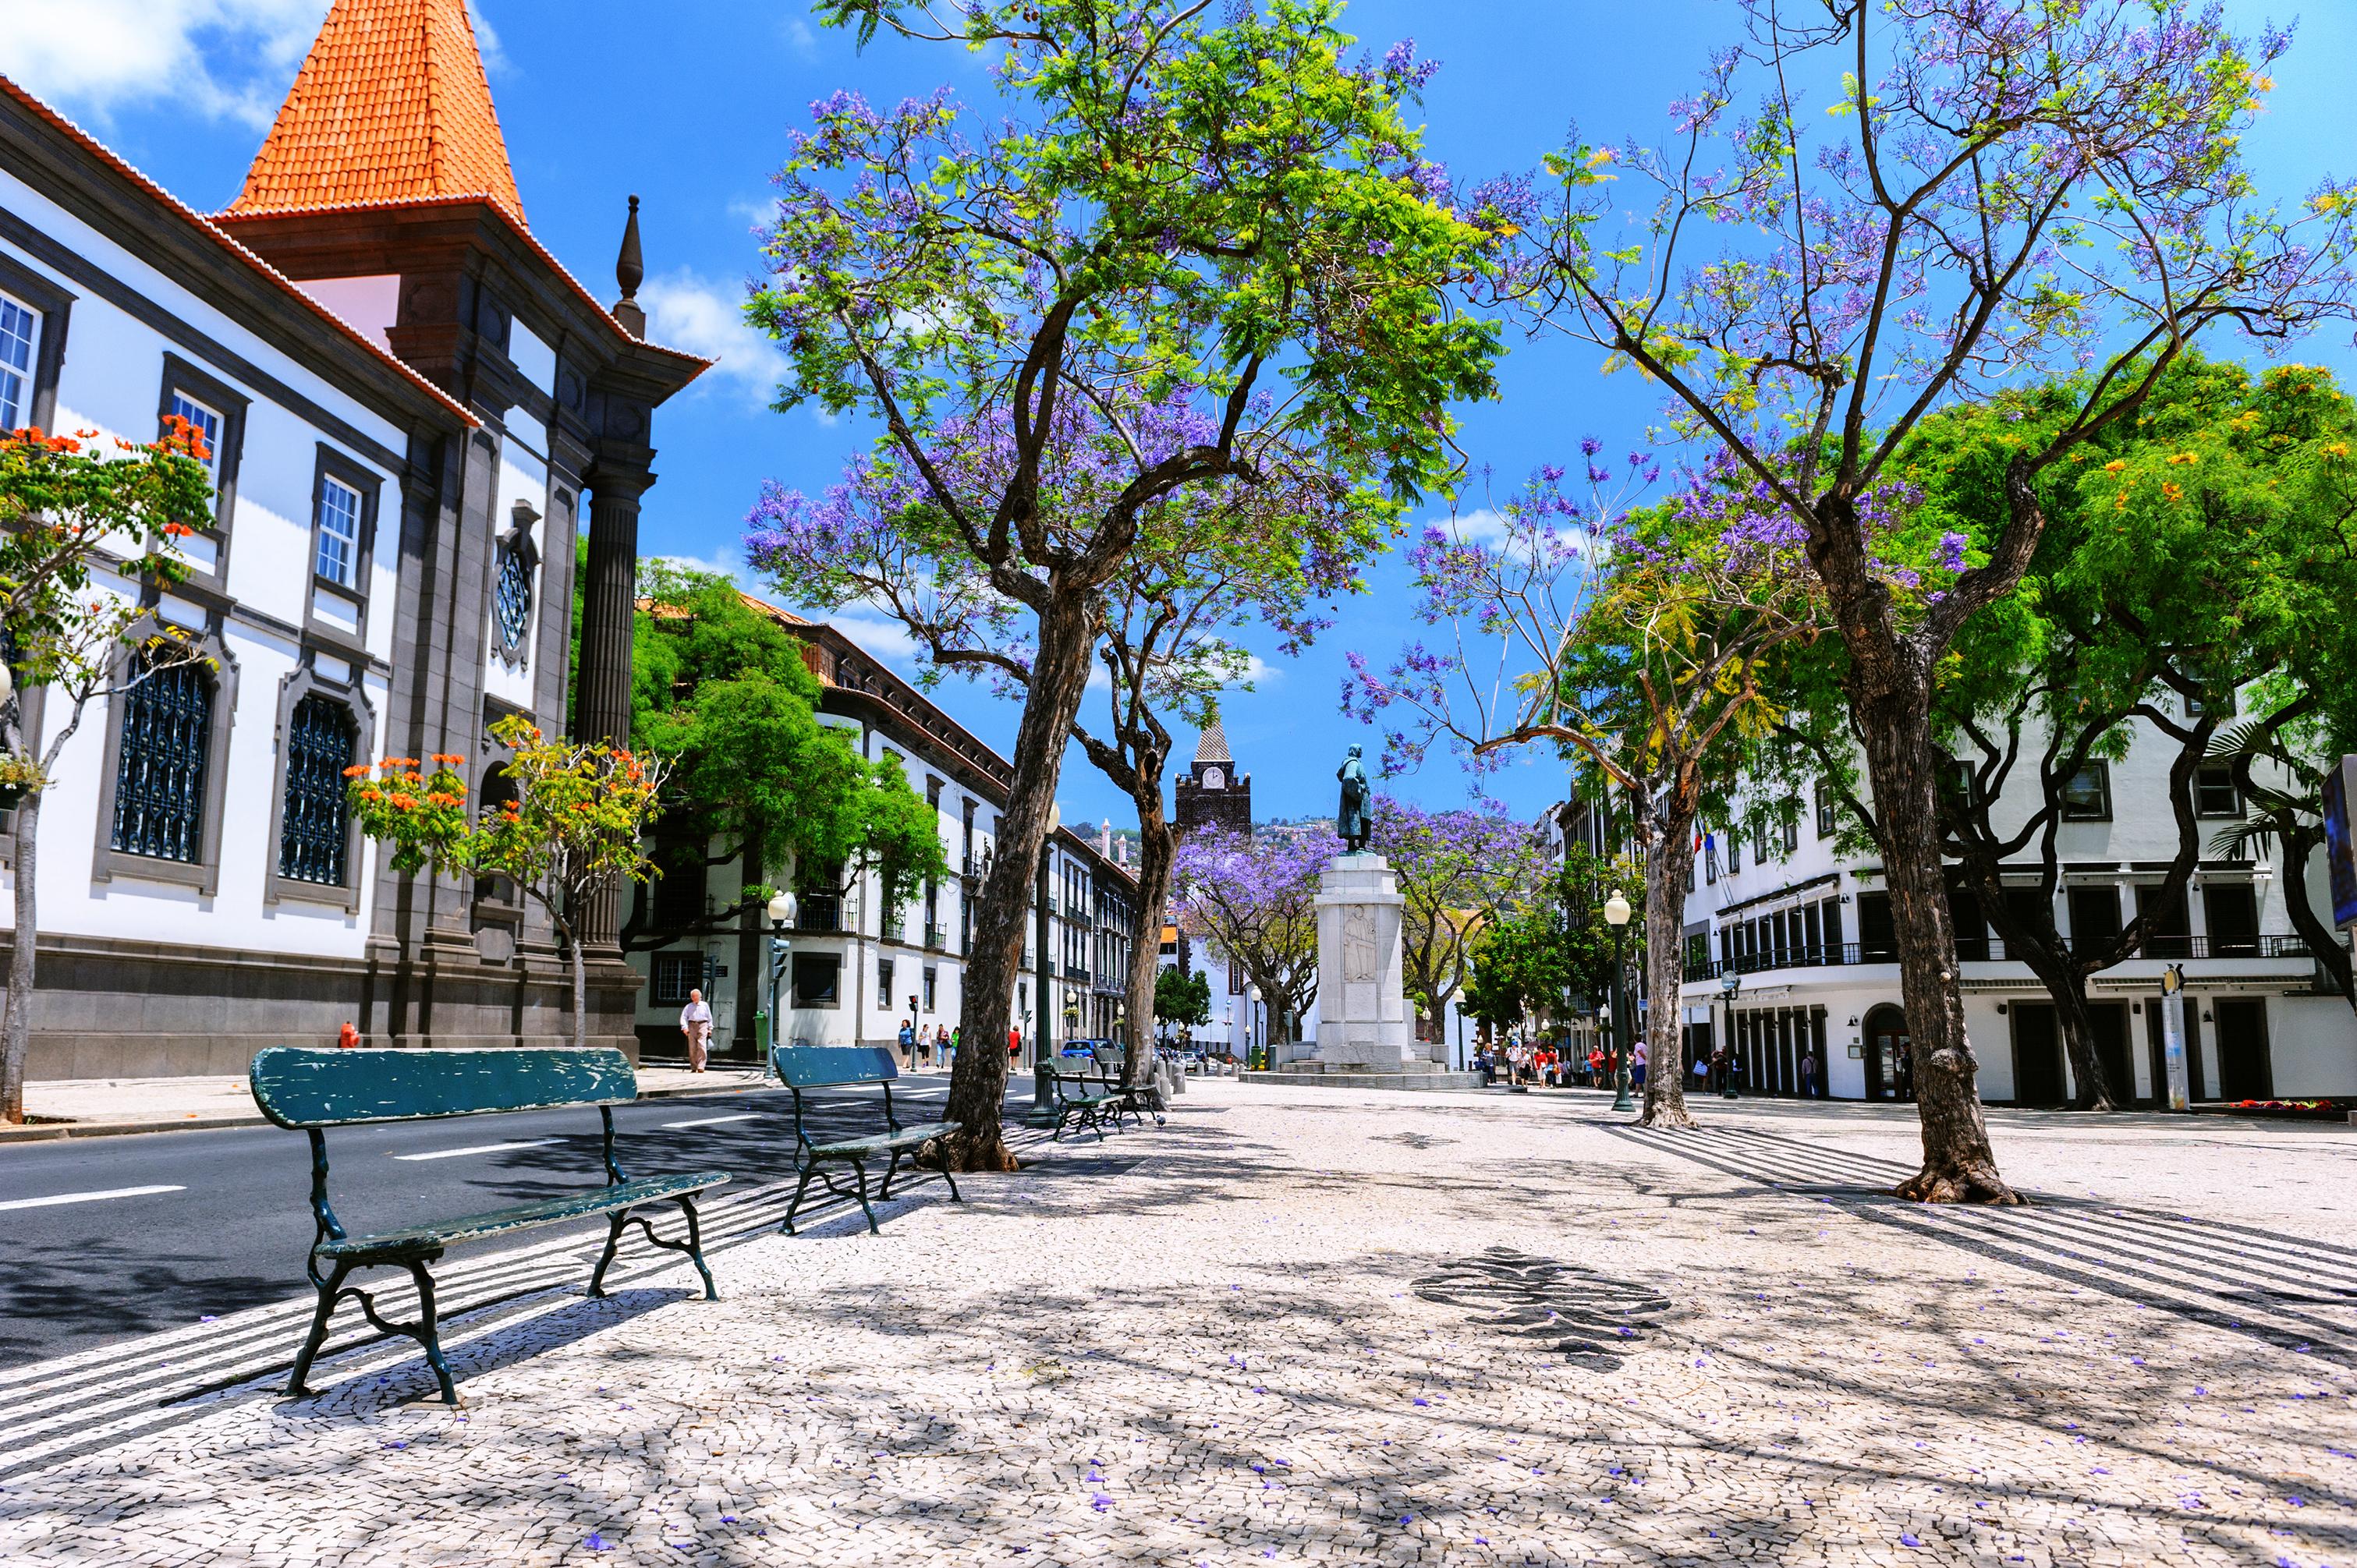 costo case portogallo